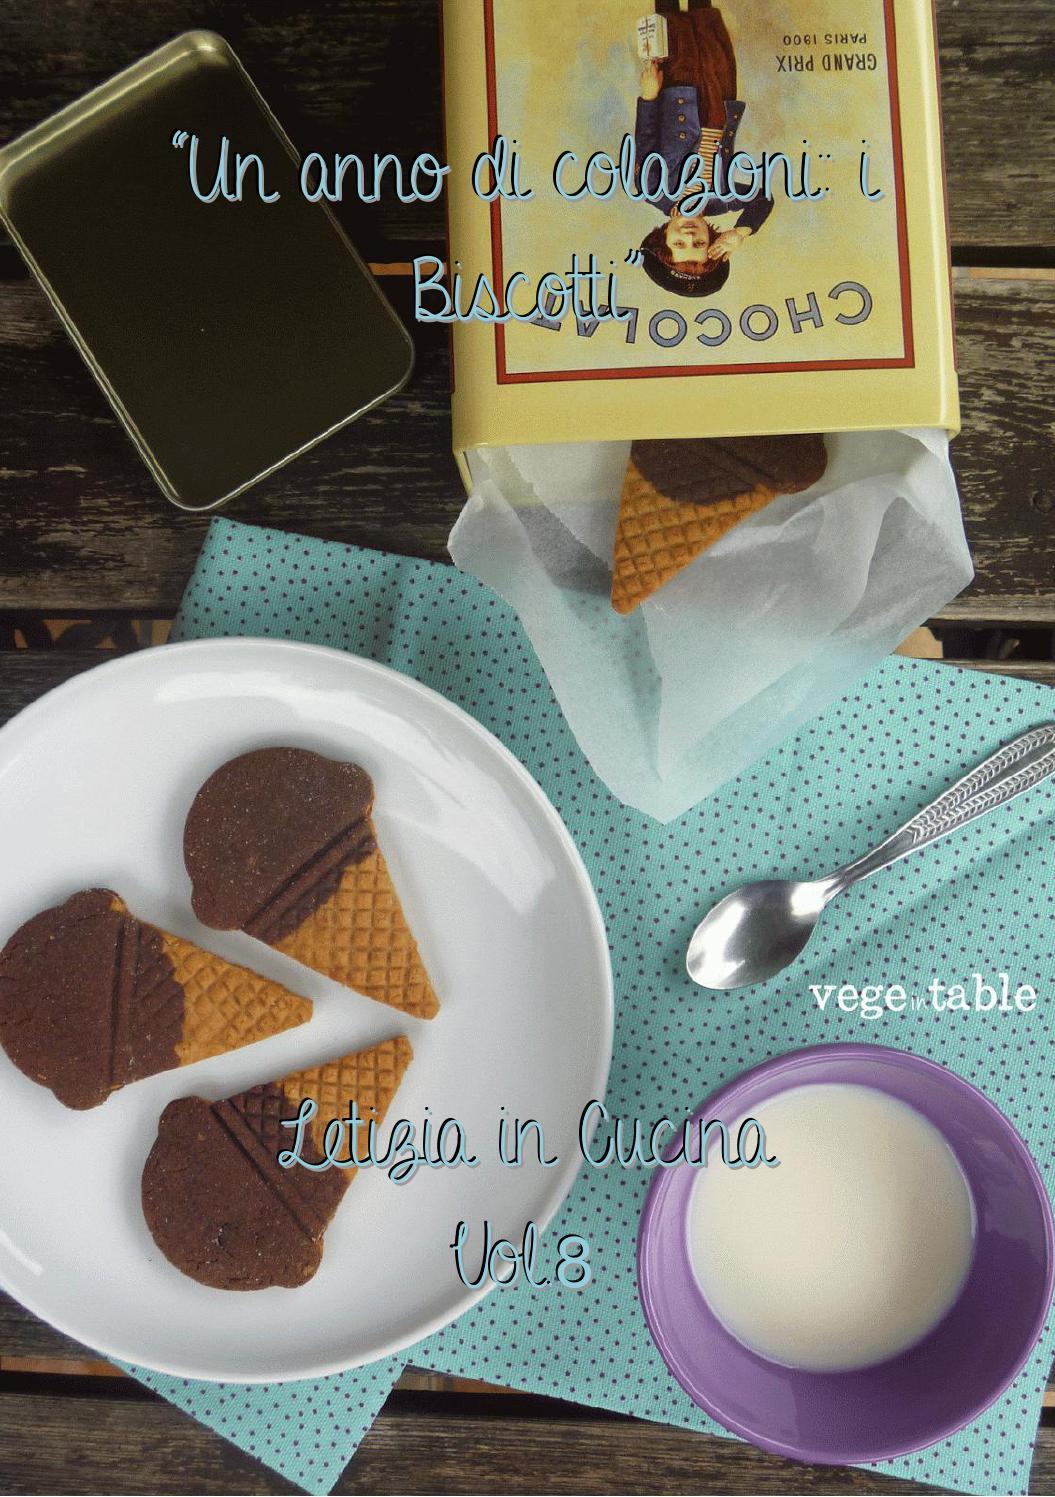 Raccolta di ricette di biscotti by Letizia in Cucina - issuu